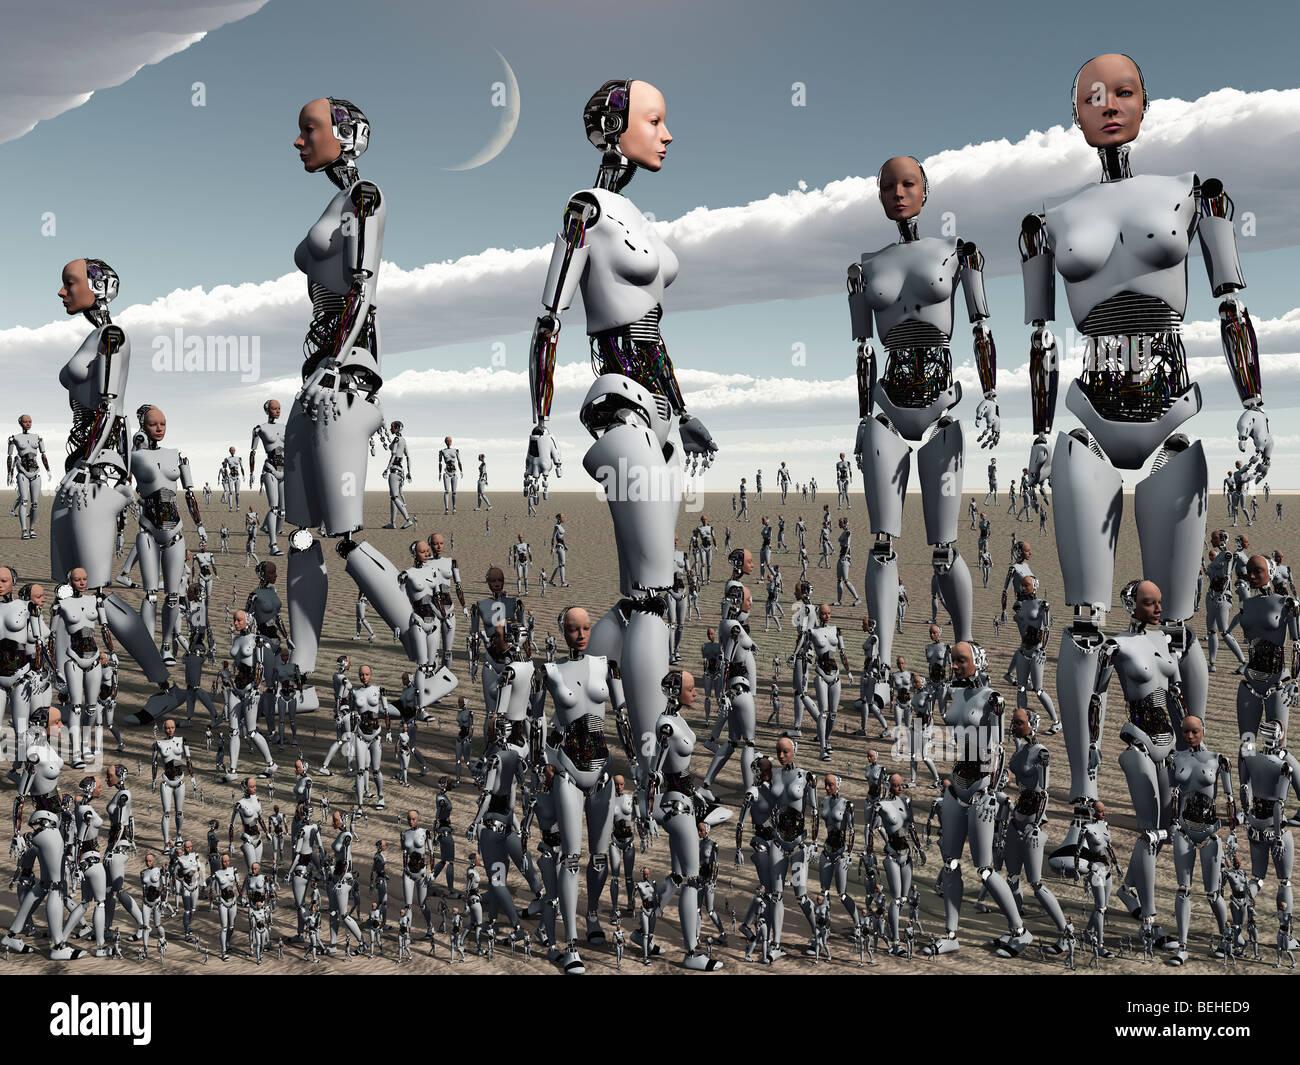 El hacinamiento en 3D una imagen conceptual Imagen De Stock